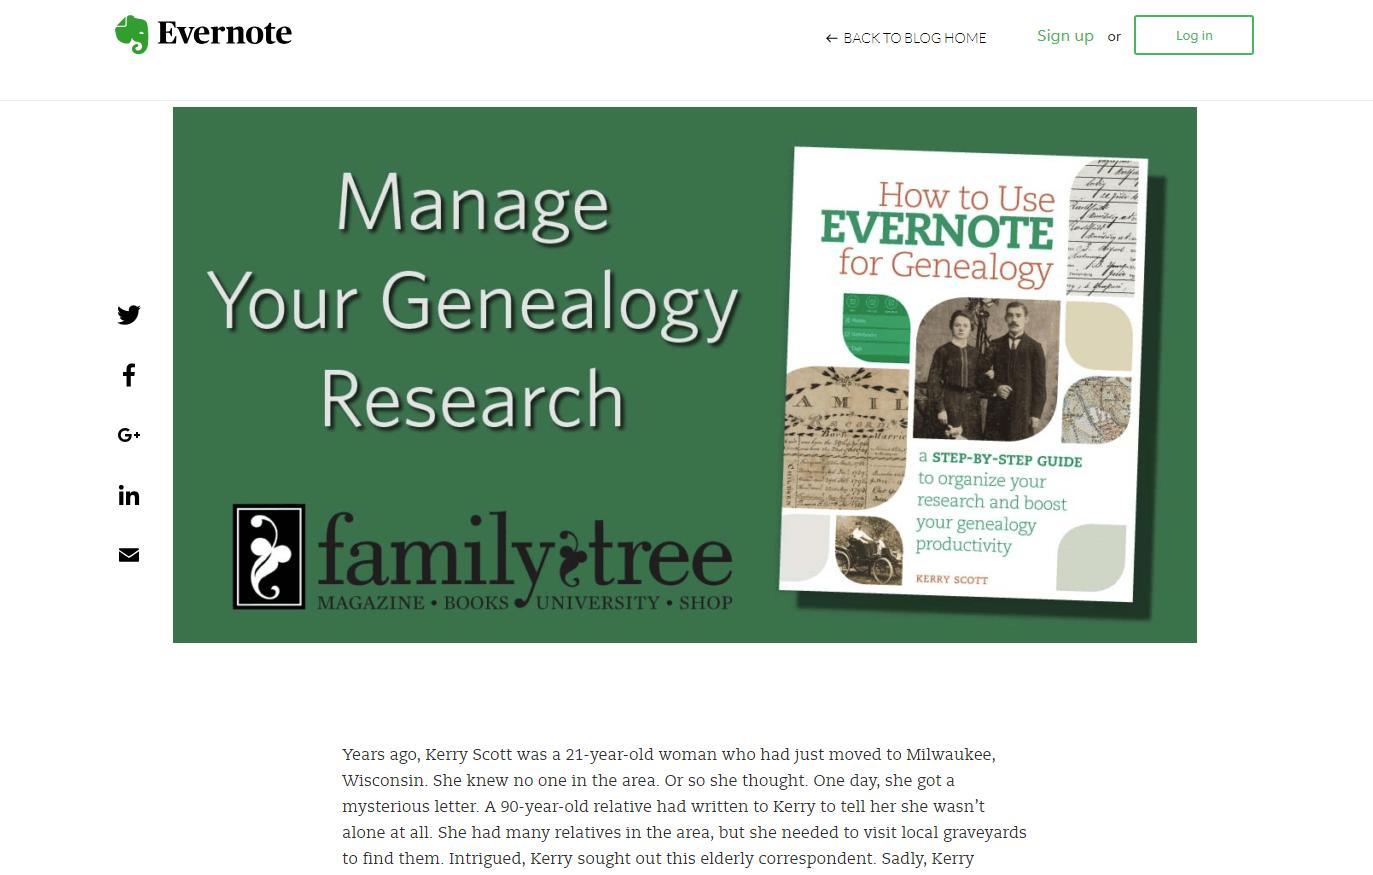 Генеалогия с помощью Evernote